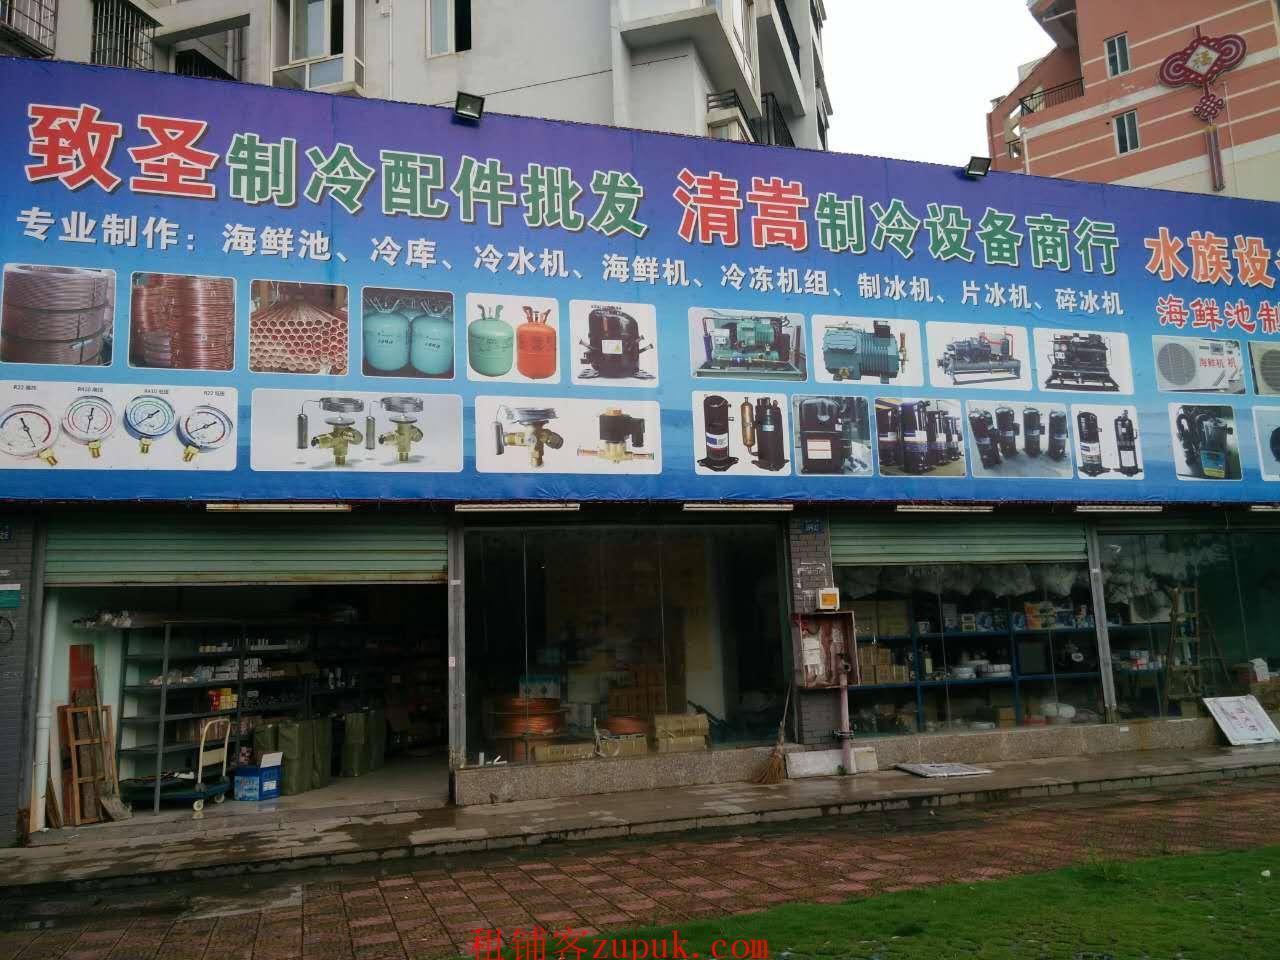 翔安马巷105㎡临街旺铺转让租金低转让费低